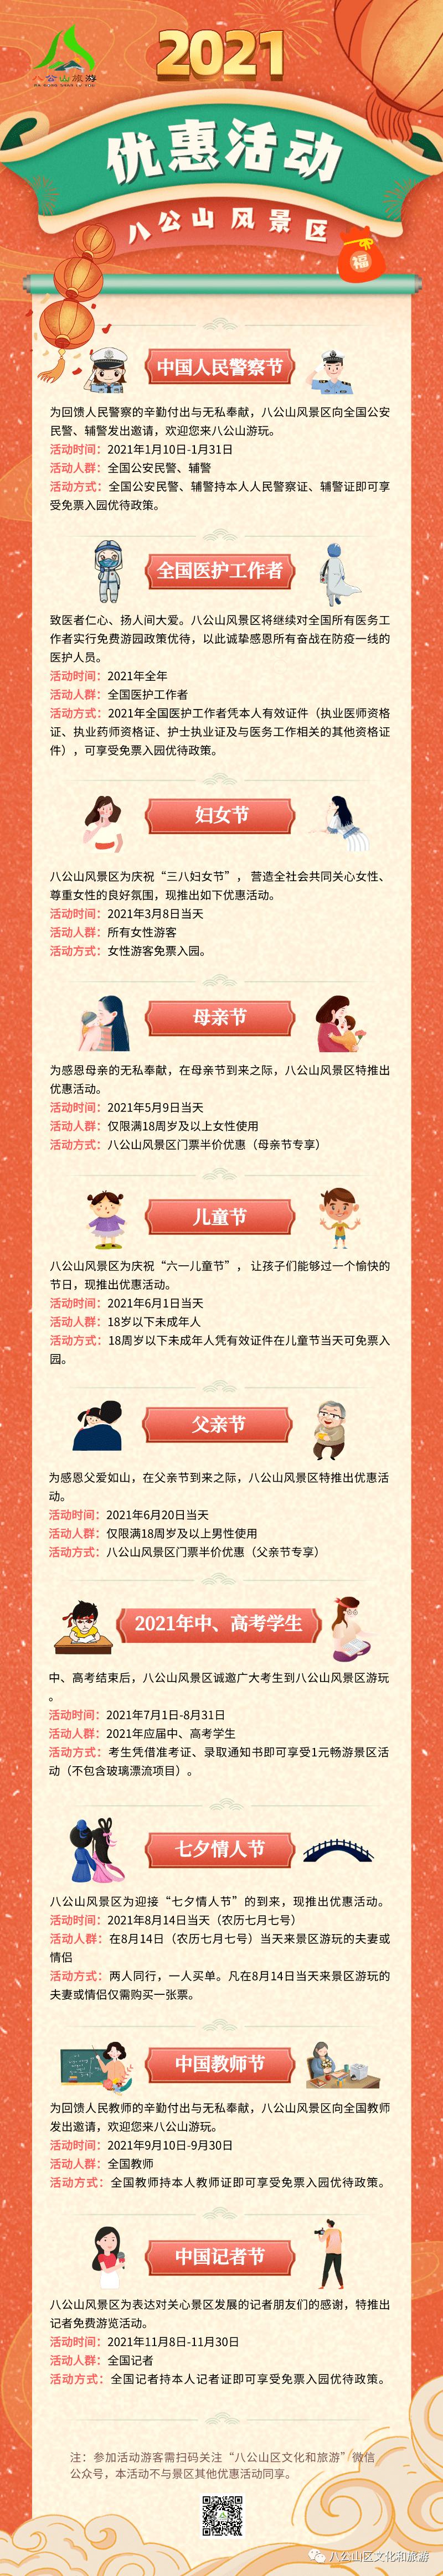 淮南八公山风景区全年优惠活动震撼来袭!